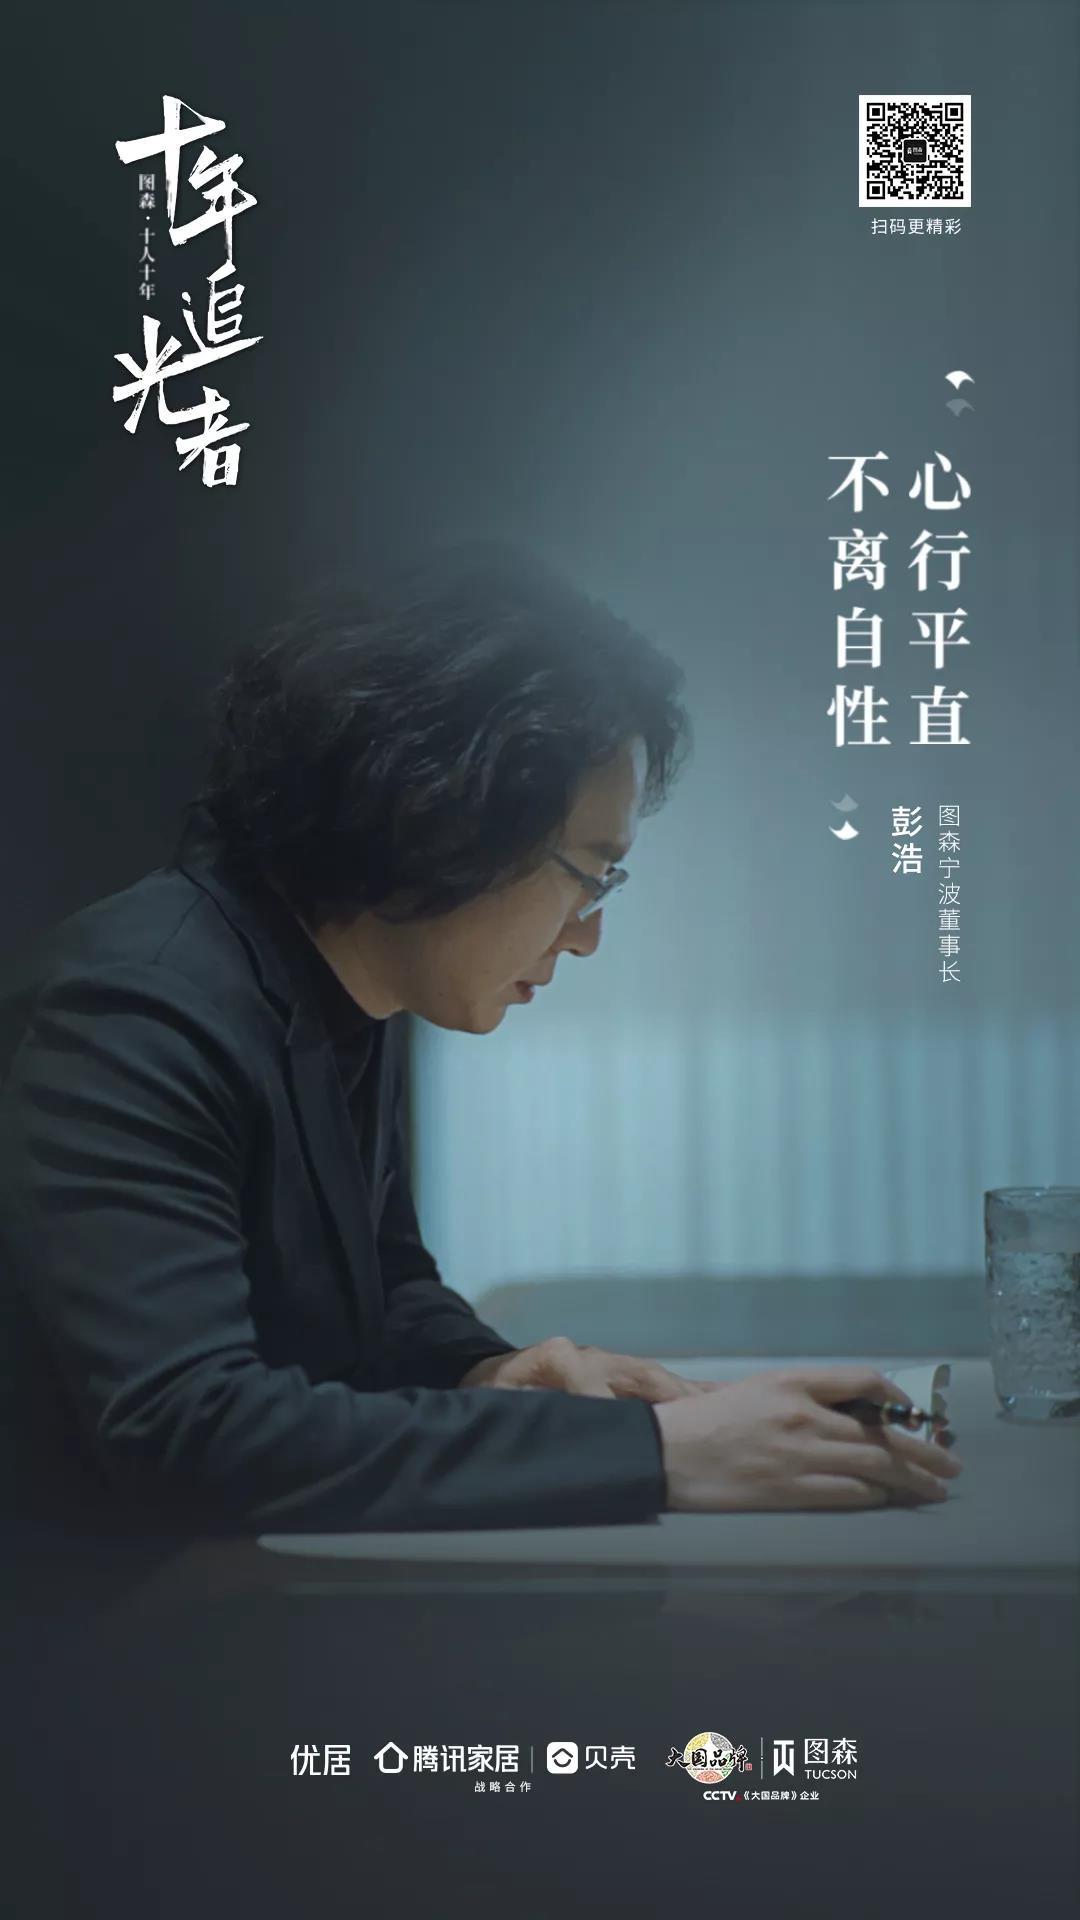 十年追光者·图森宁波董事长彭浩 | 心行平直,不离自性